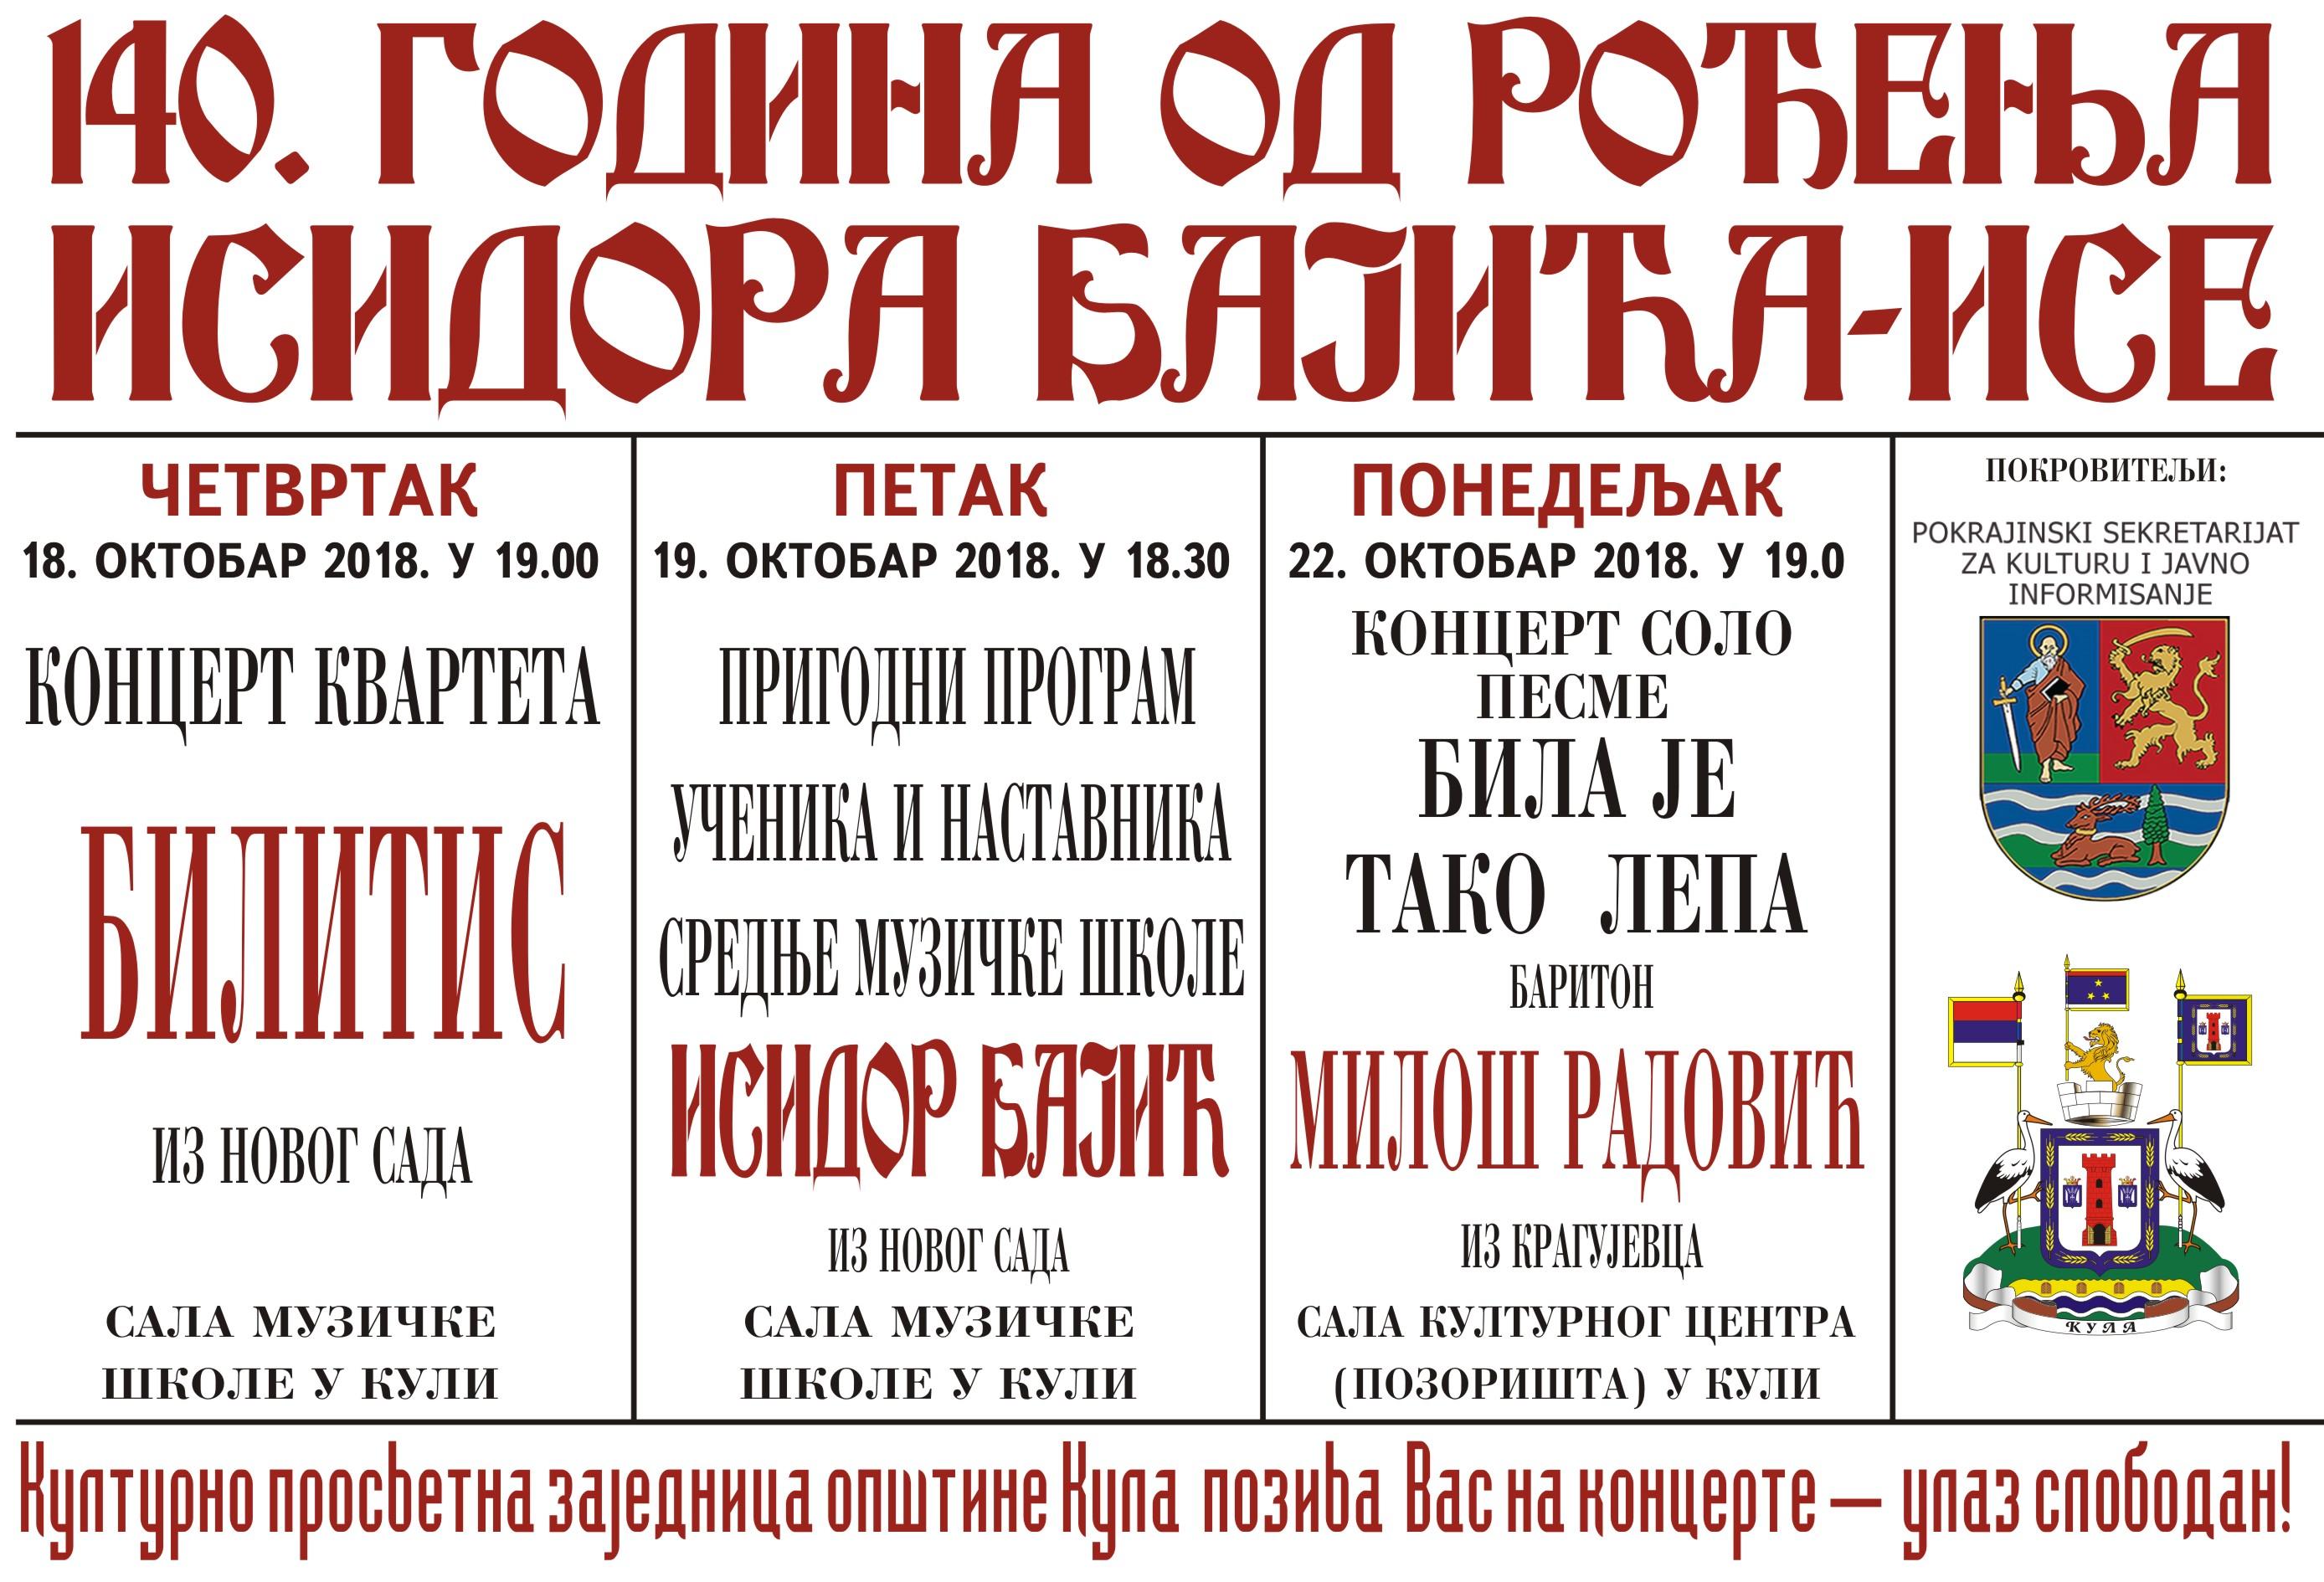 isabajic33 (1)